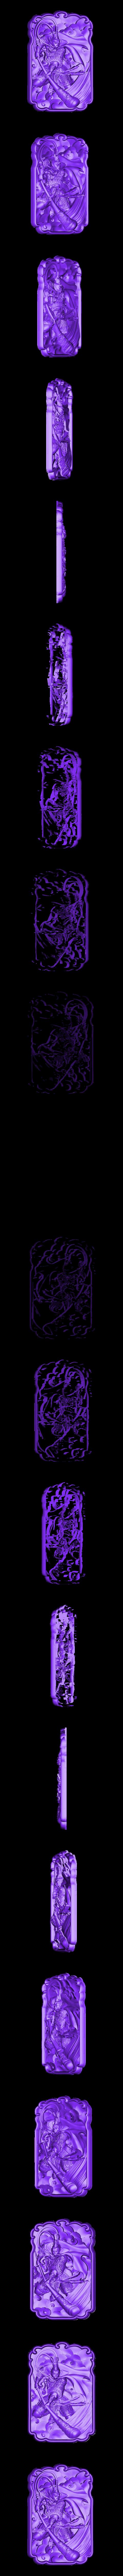 MonkeyKingZ.stl Télécharger fichier OBJ gratuit MONKEY KING MODÈLE 3D DE BAS-RELIEF POUR CNC • Objet pour impression 3D, stlfilesfree